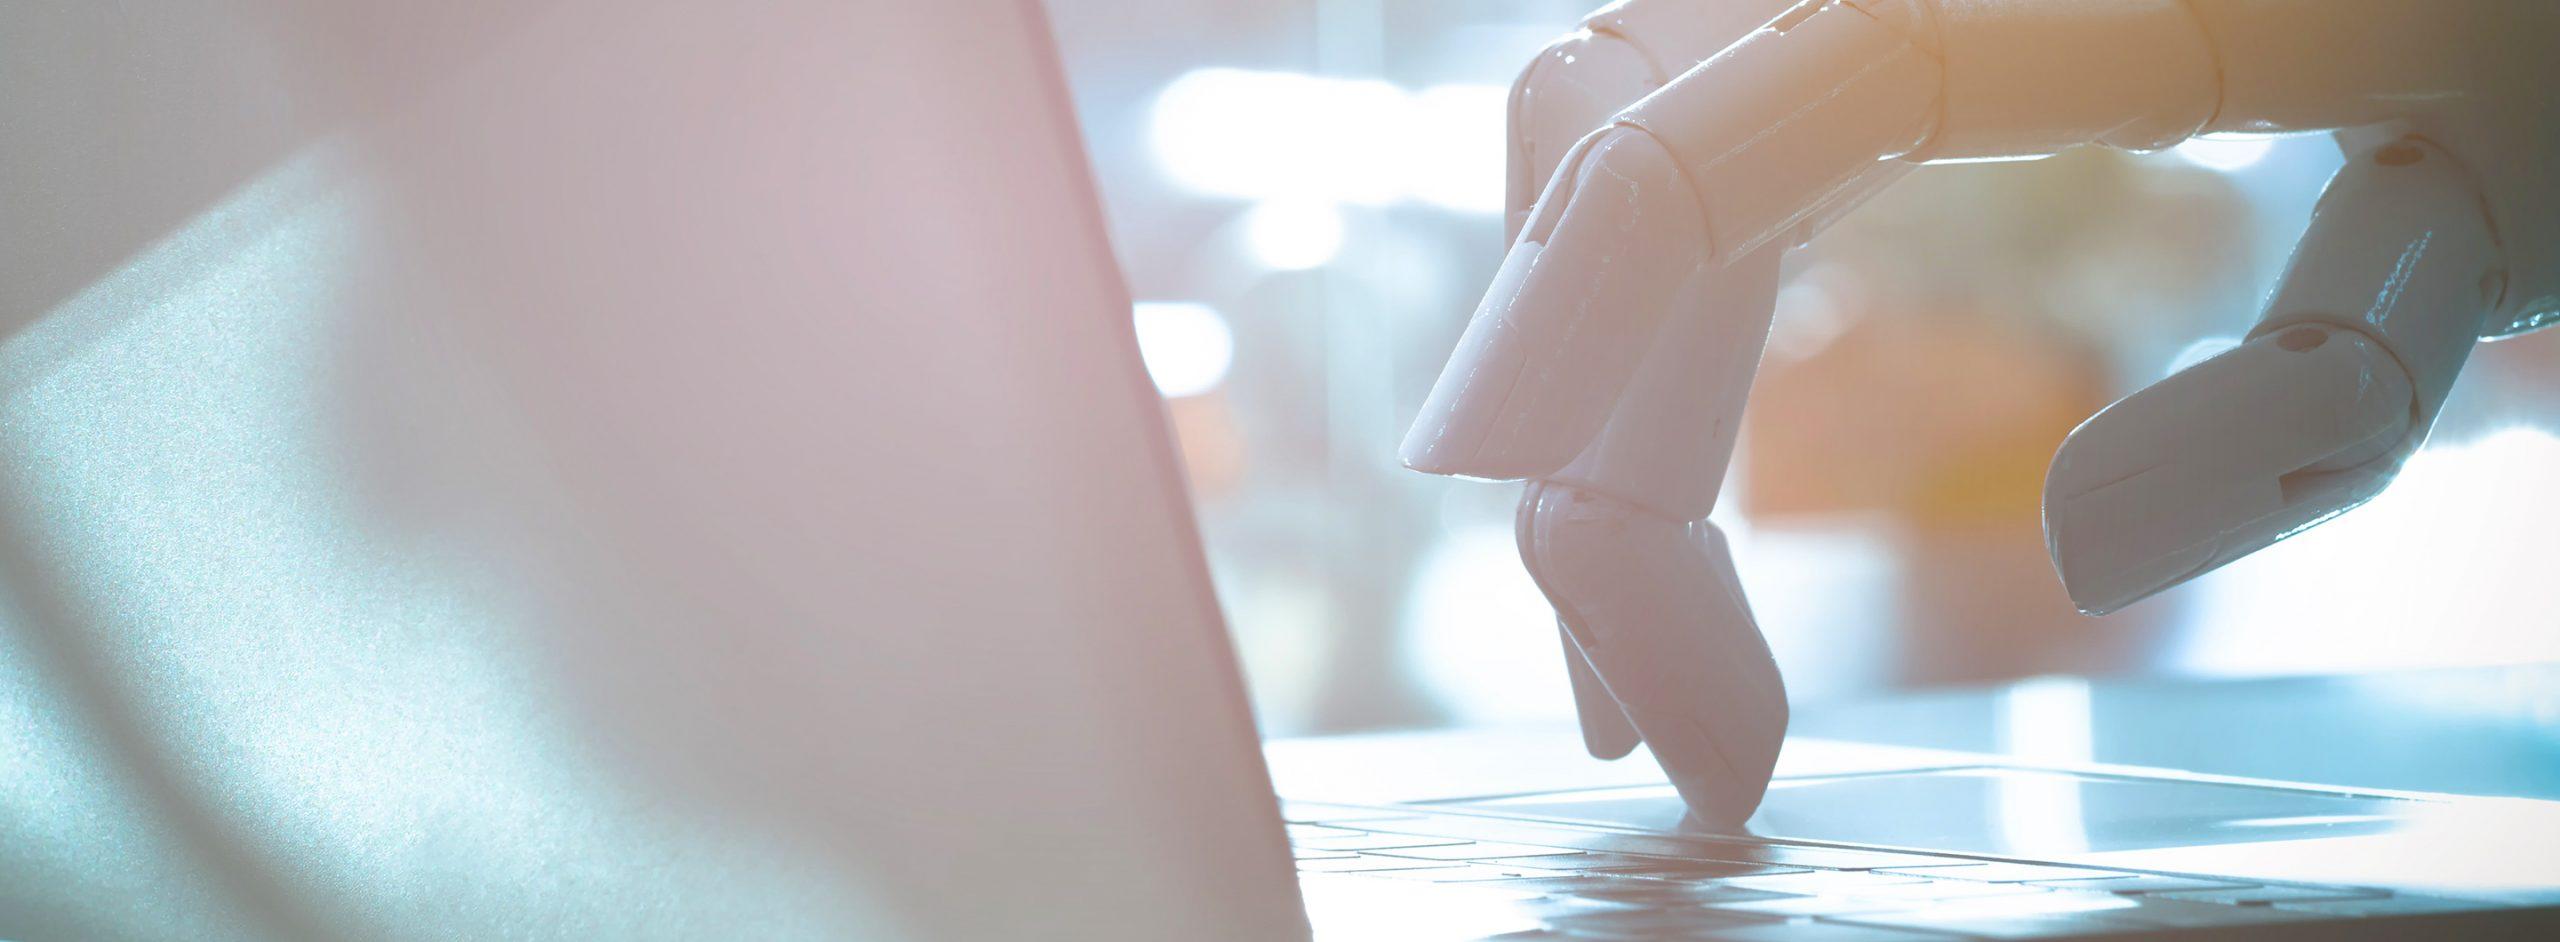 Enhance customer engagement using Salesforce's Einstein Bot